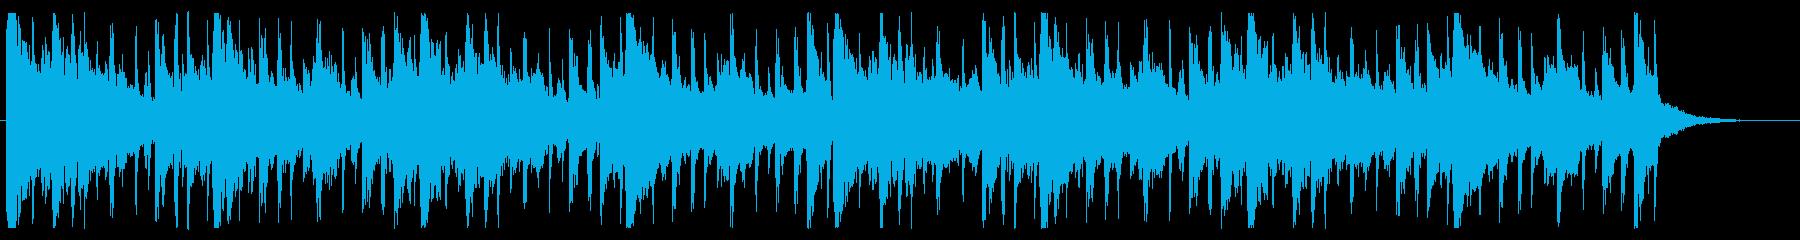 爽やかモーニング/R&B_No598_4の再生済みの波形